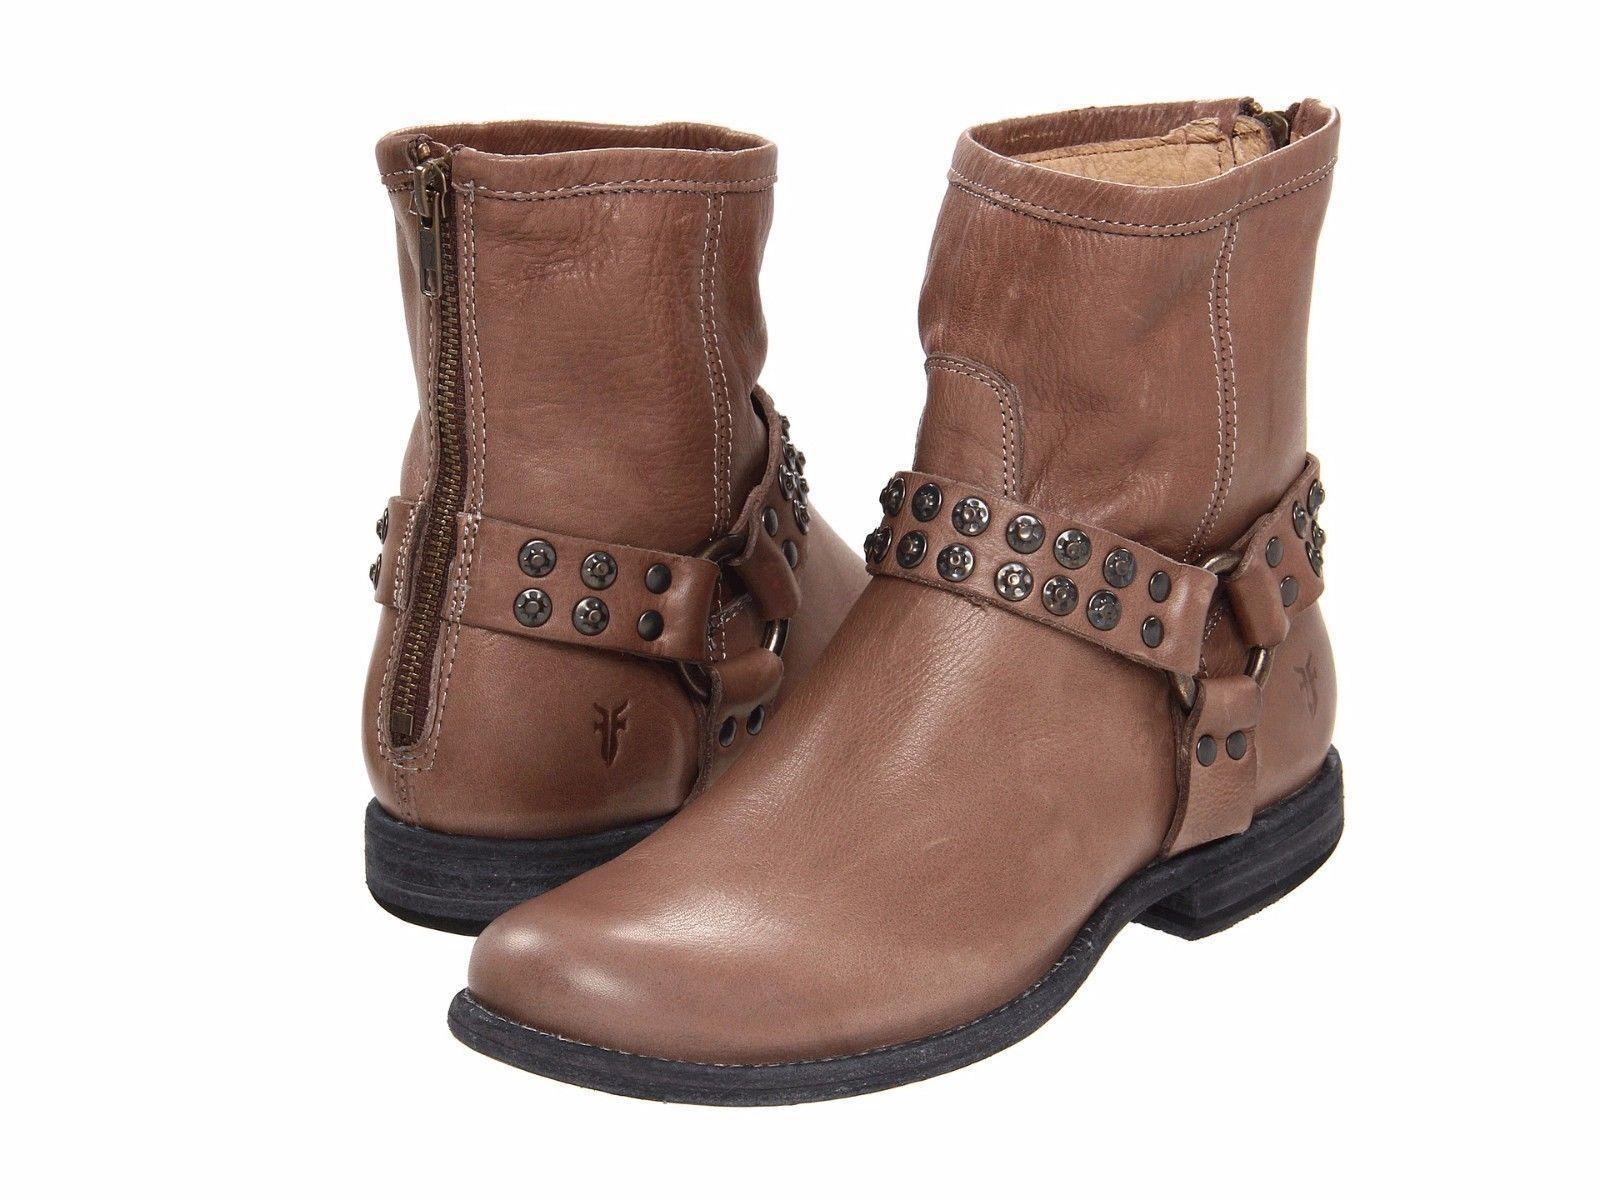 Tamaño 7.5 Frye Cuero Para Mujeres Bota Zapato  Reg Reg Reg  350 Venta  149 lastpair  Disfruta de un 50% de descuento.